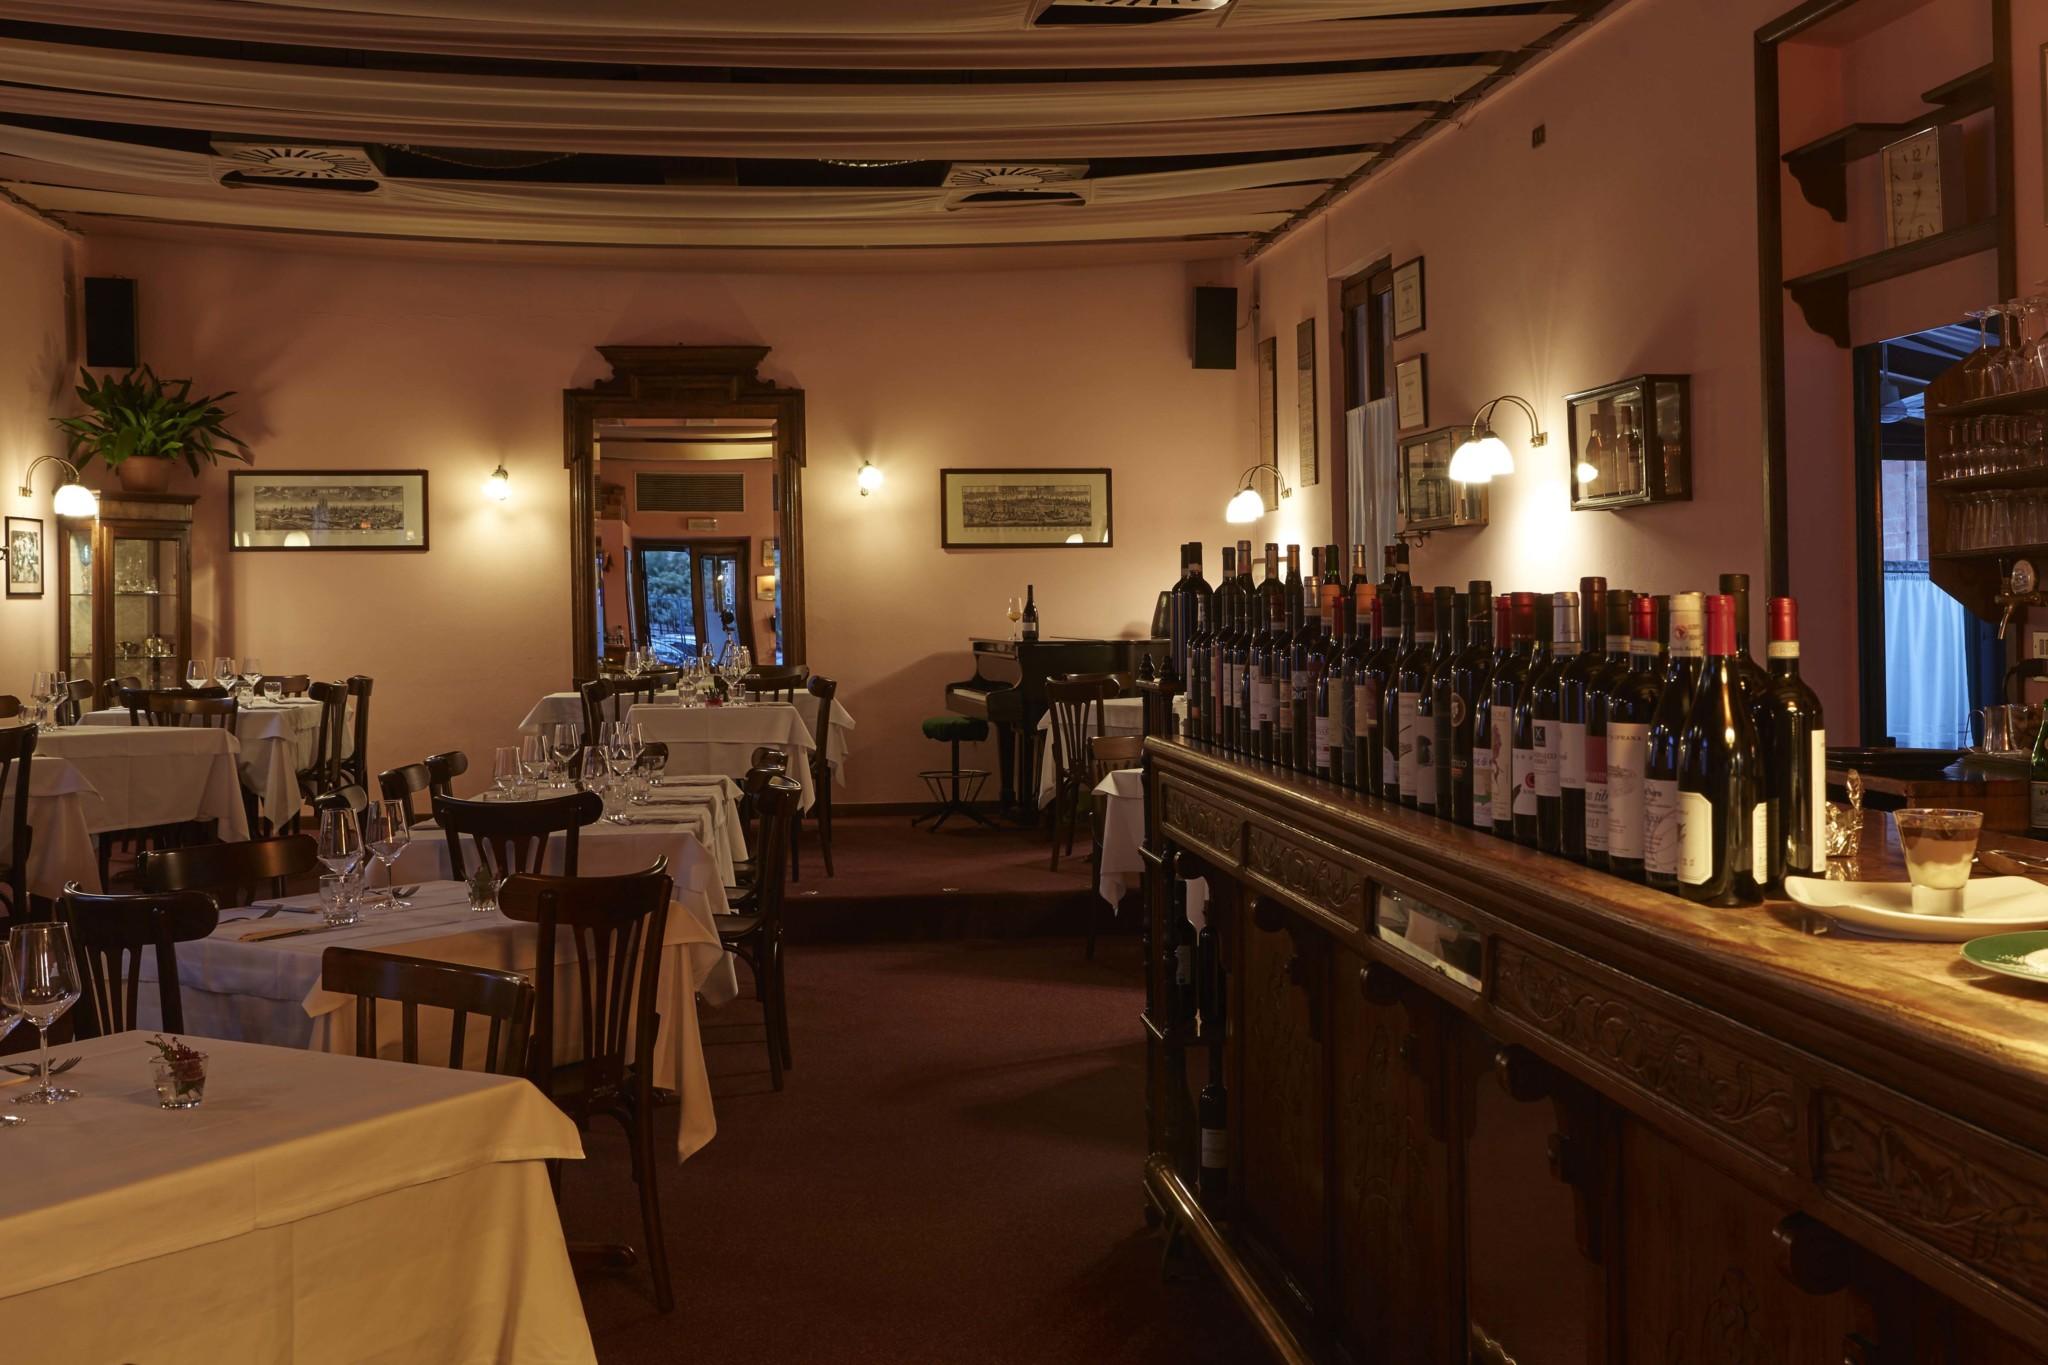 osteria grand hotel sala interna, atmosfera calda, bancone bar con bottiglie di vino